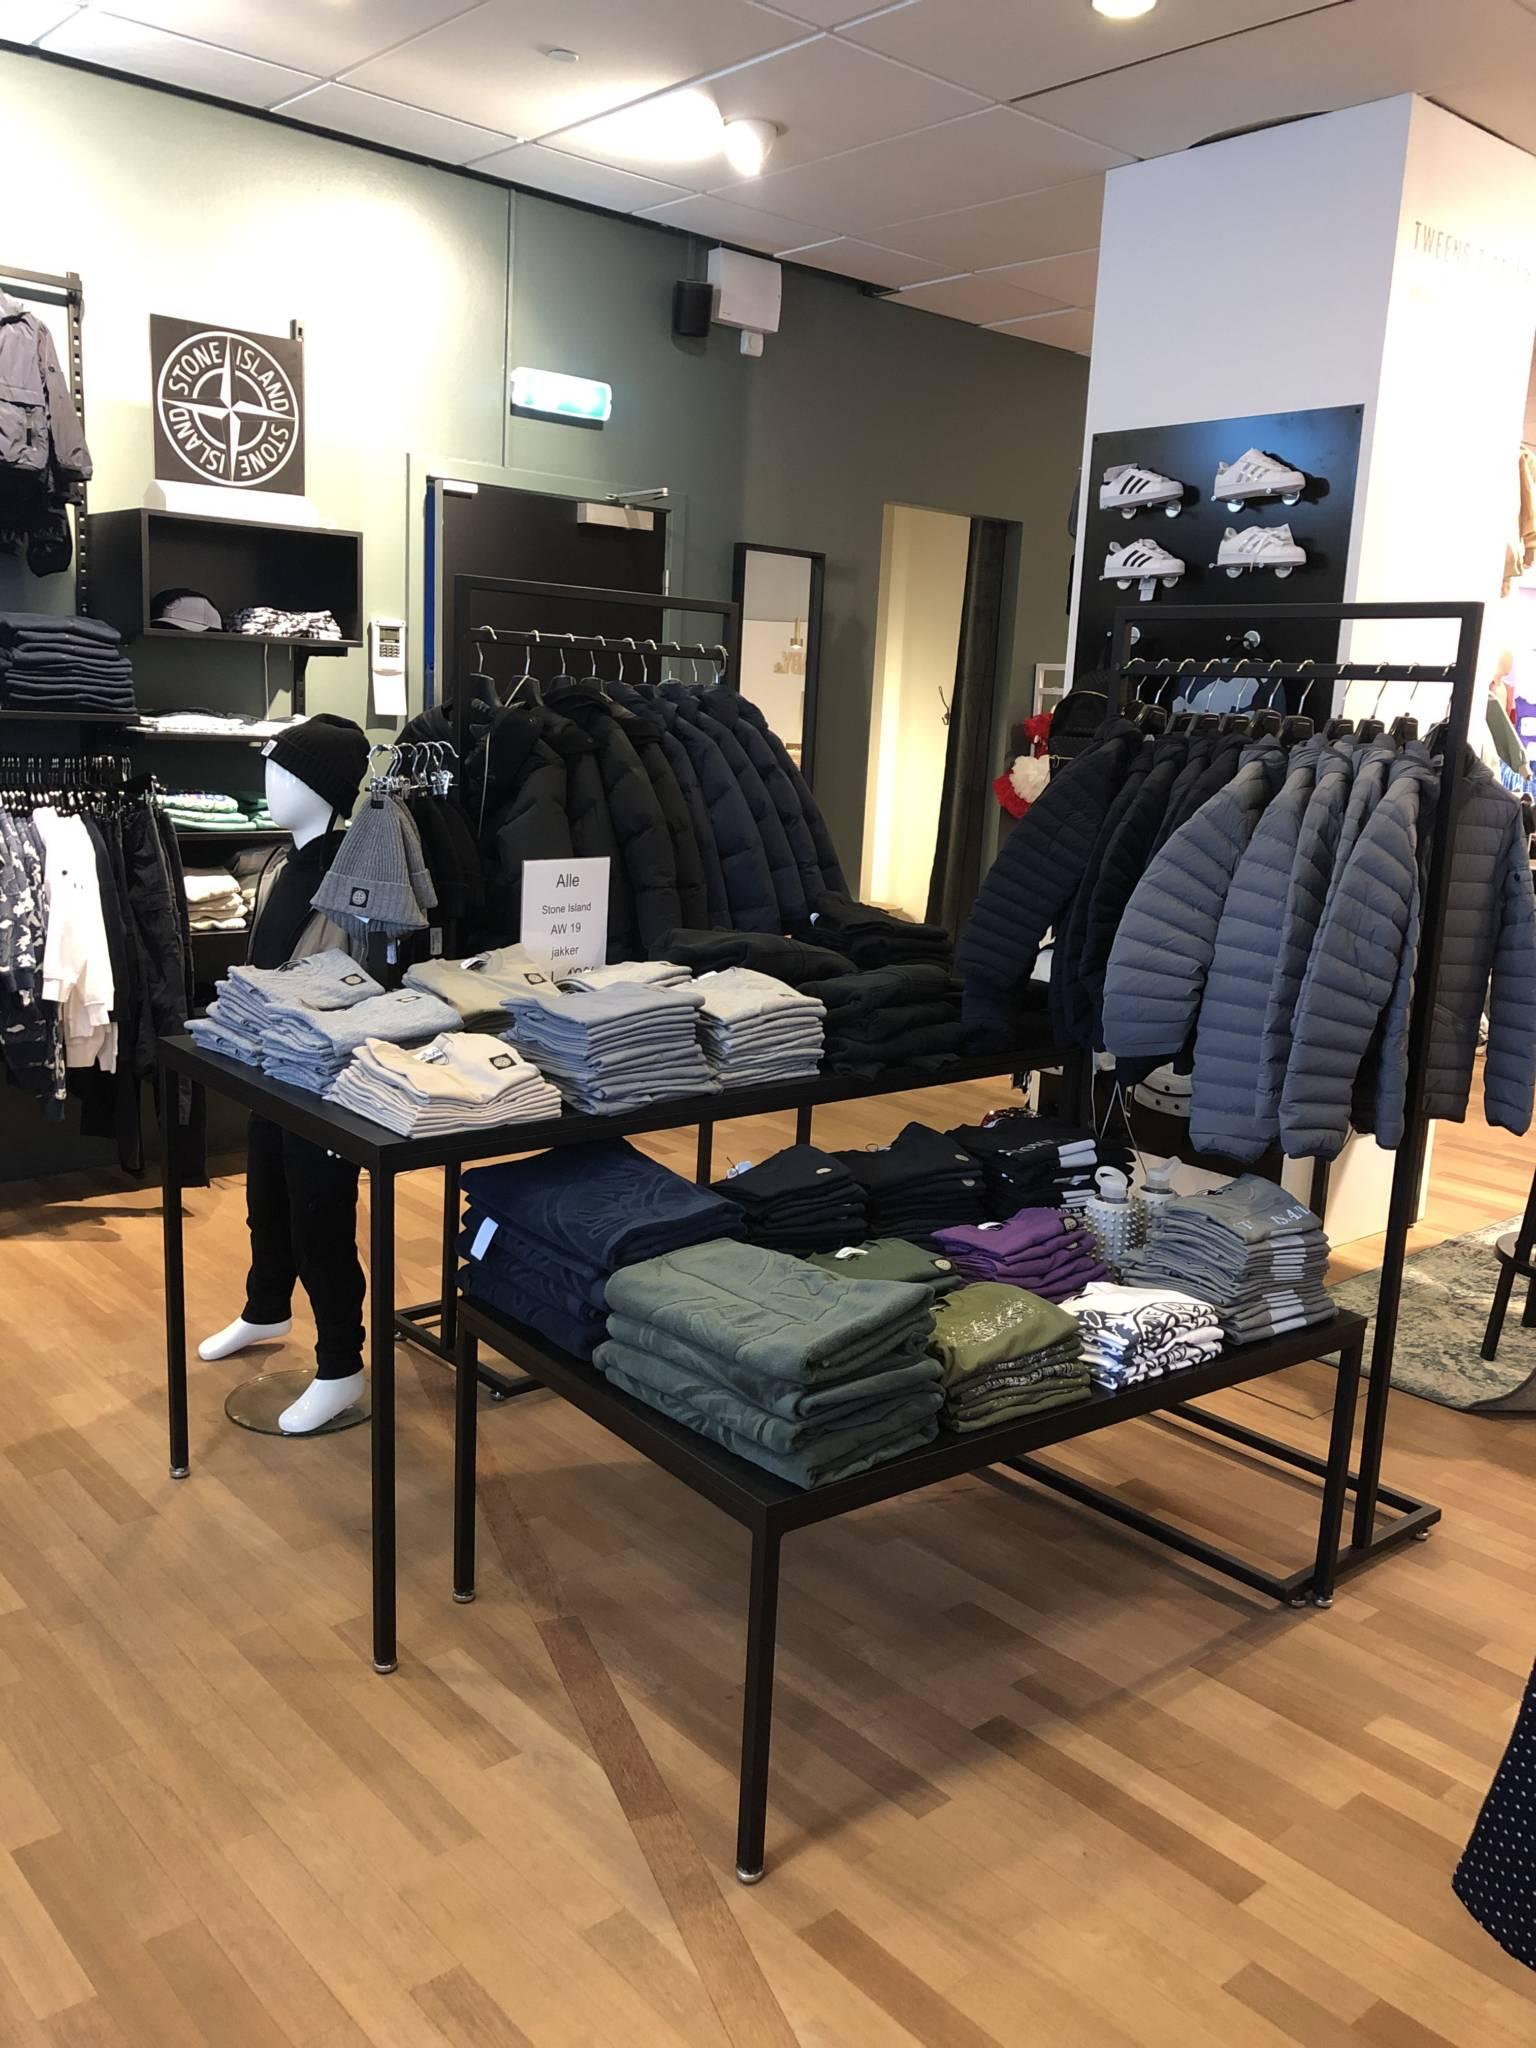 billige salgsborde i flot butik